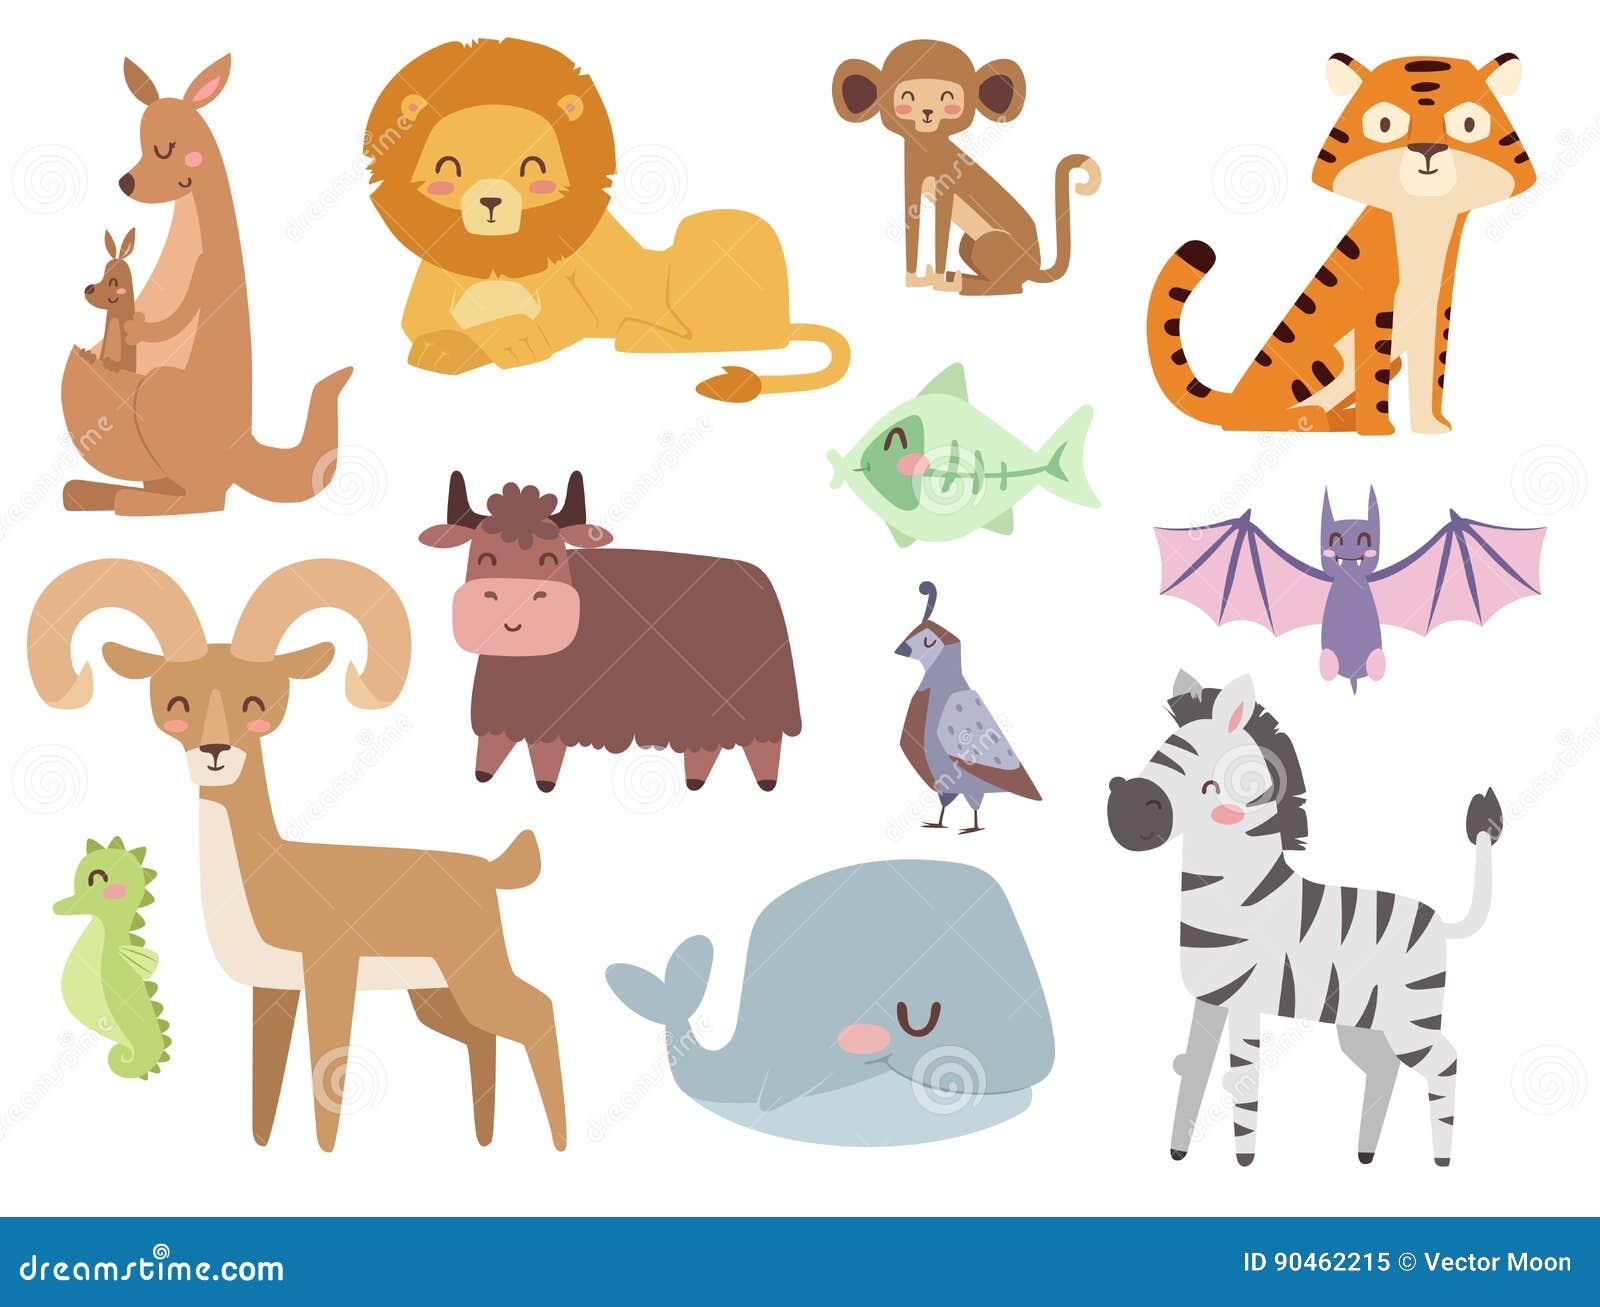 Zoológico De Animais Bebê Dos Desenhos Animados Vetor: Os Animais Bonitos Dos Desenhos Animados Do Jardim